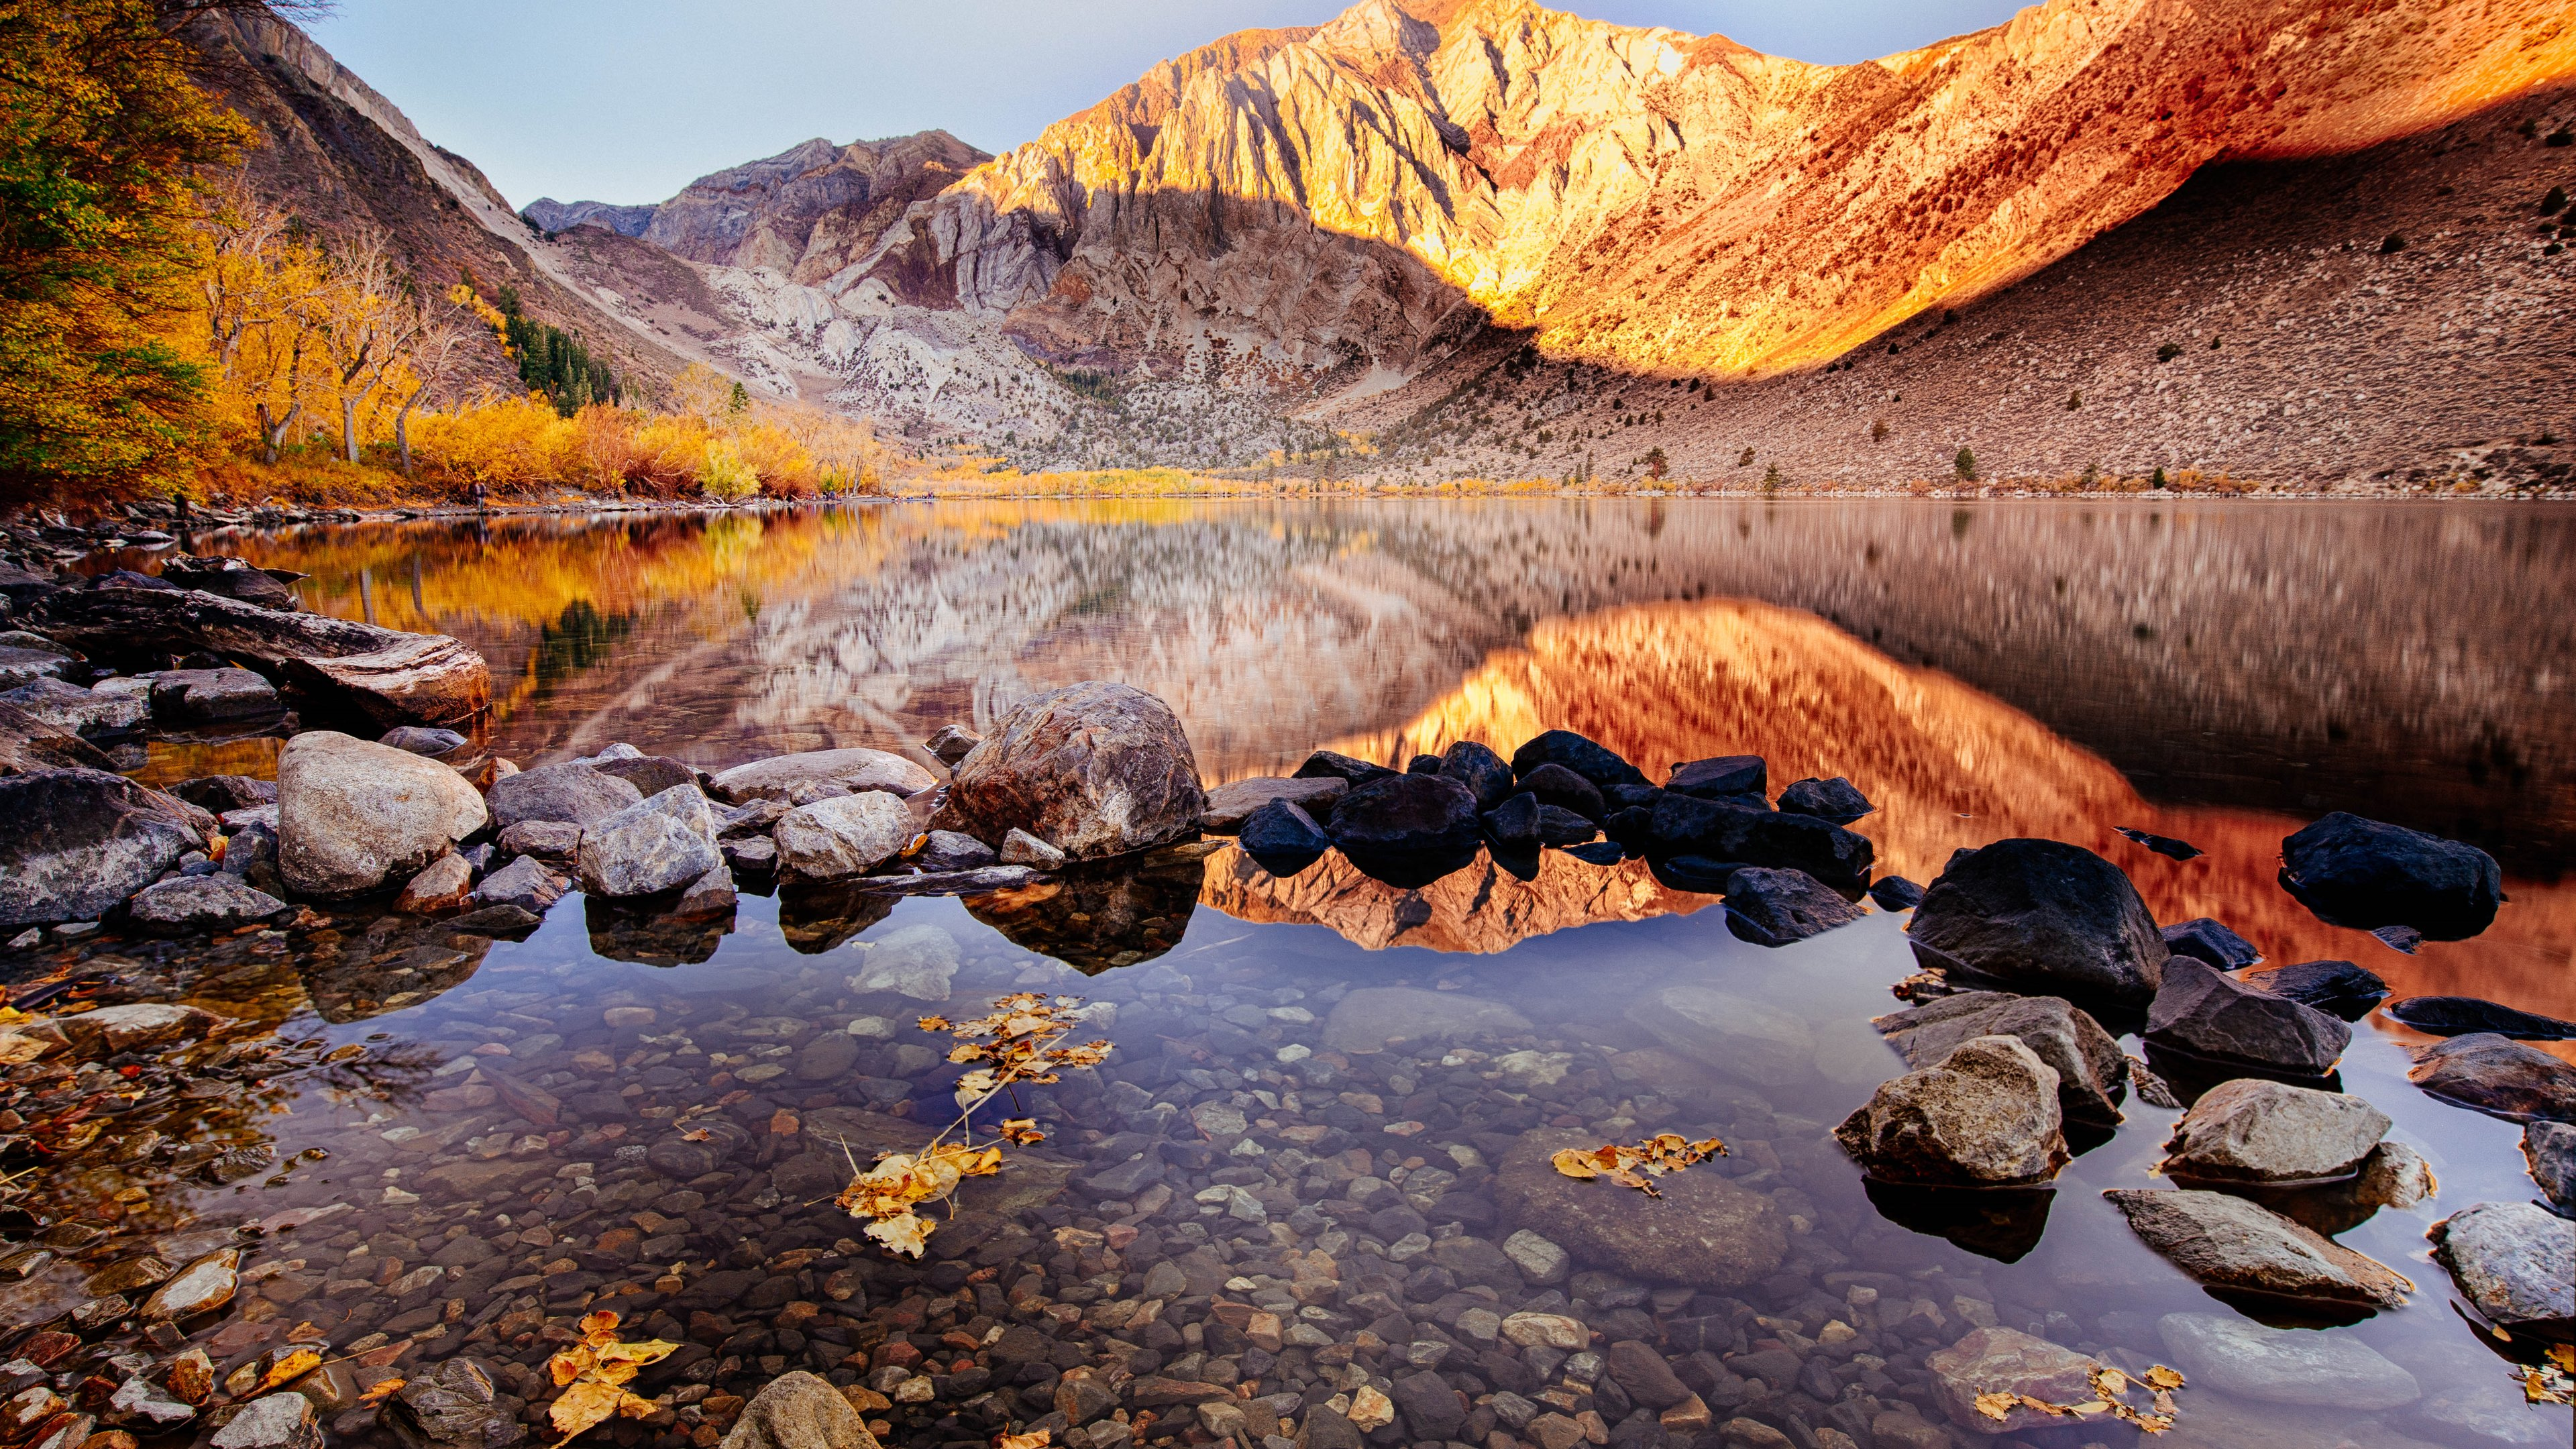 Fondos de pantalla Lago en el otoño